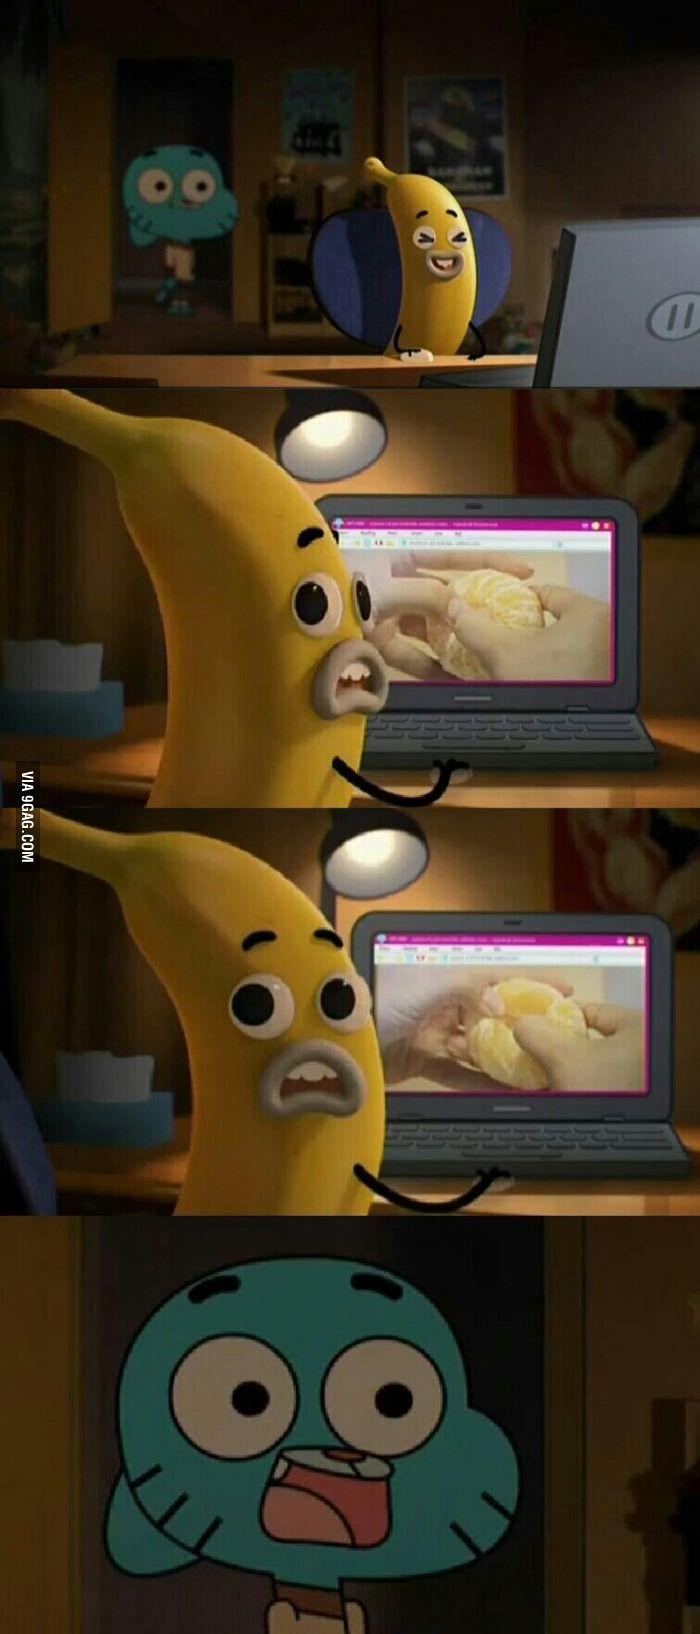 Banana up ass porn